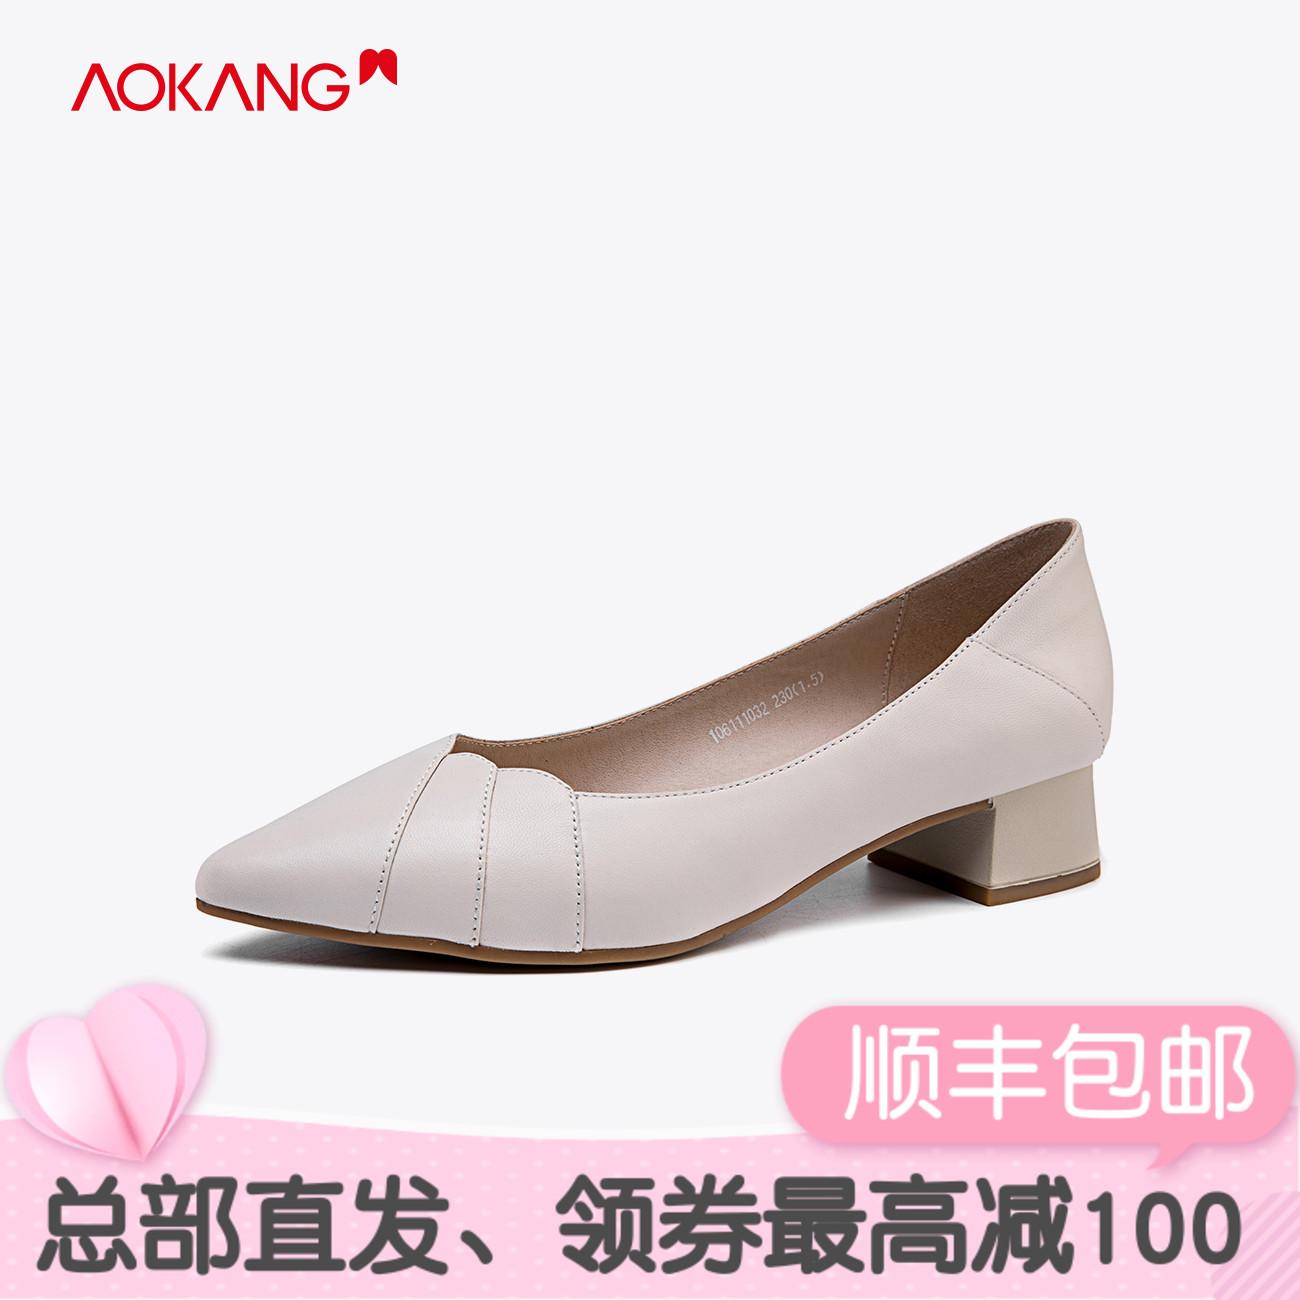 奥康女鞋 2020春季新款牛皮革时尚韩版浅口尖头粗跟单鞋气质简约